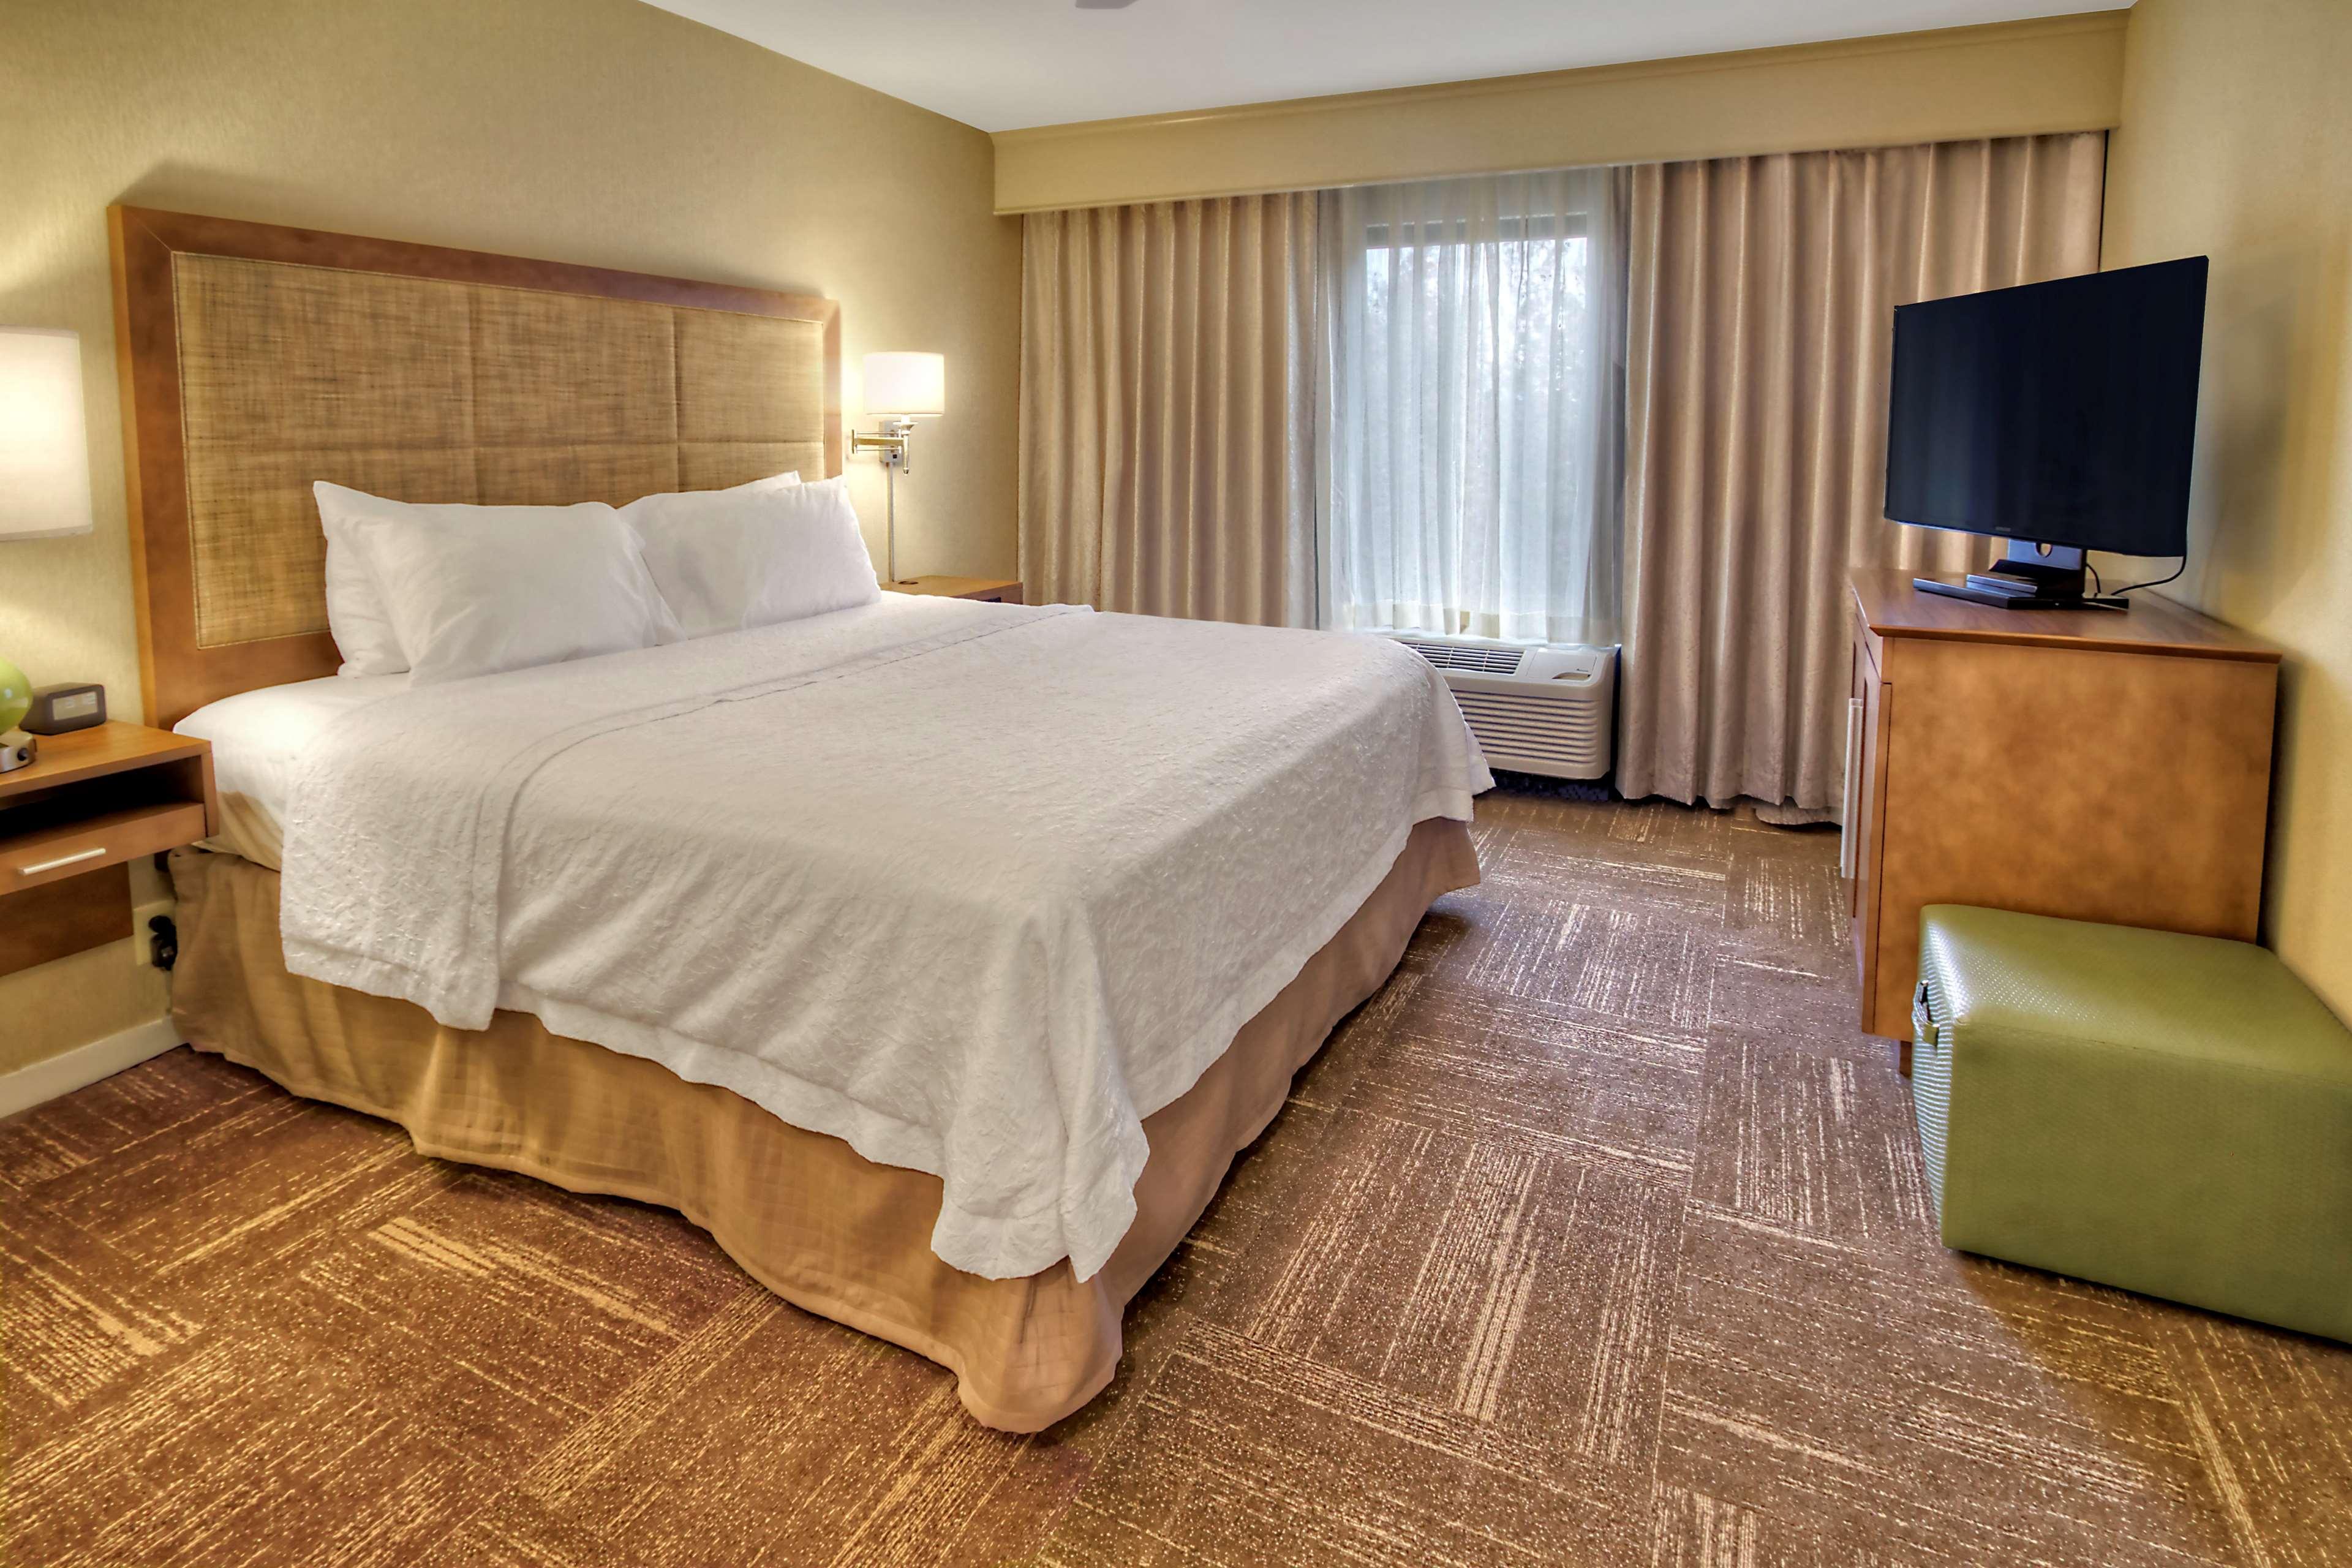 Hampton Inn & Suites Asheville-I-26 image 34